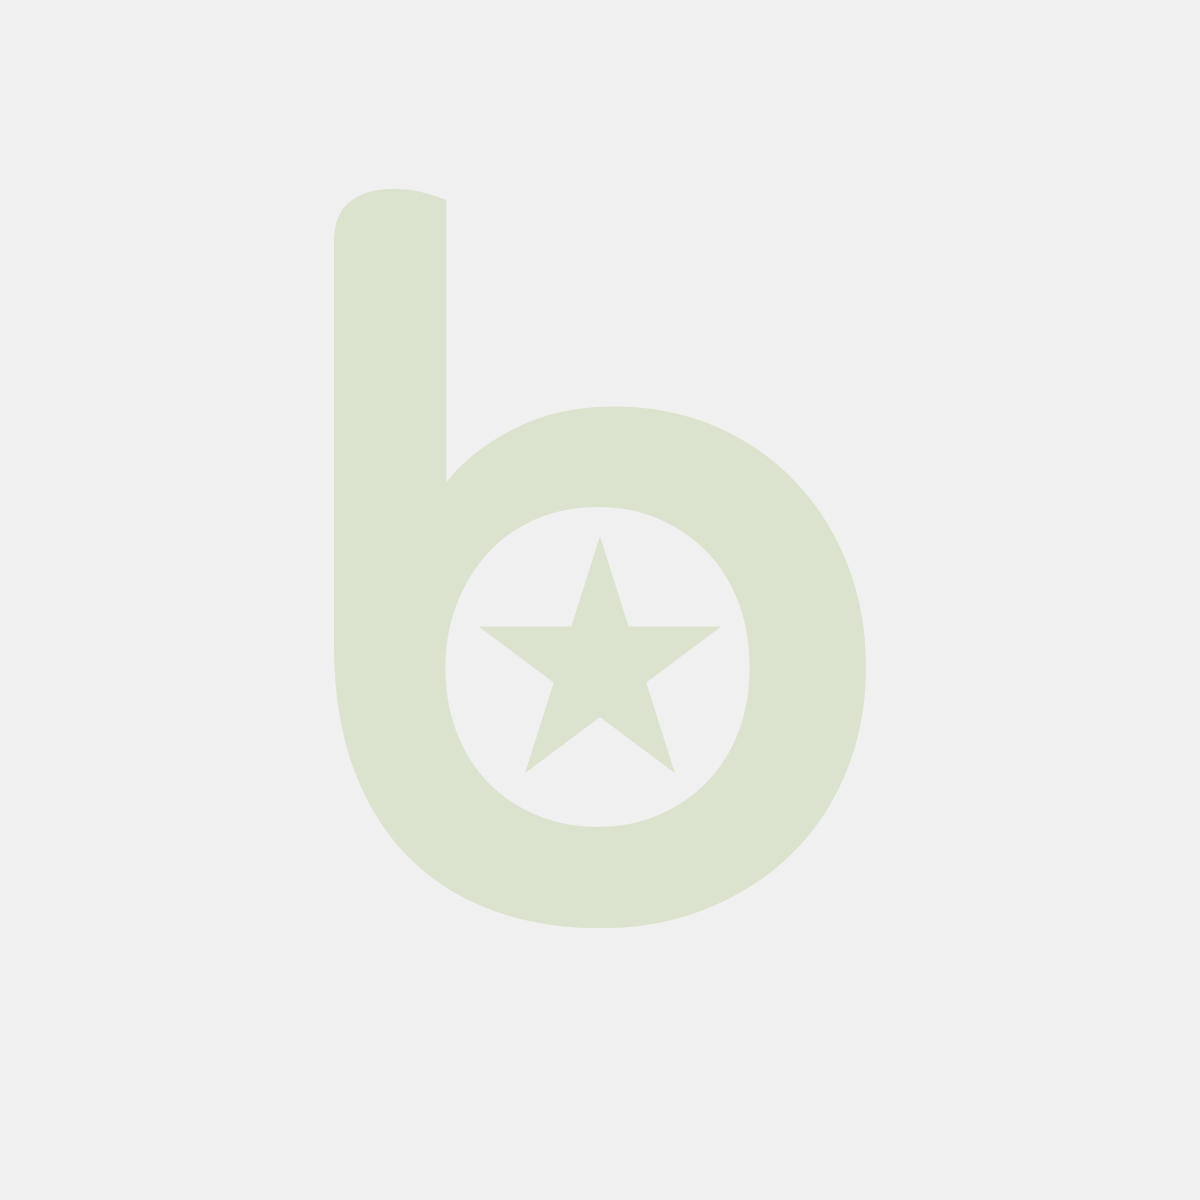 Etykieta kartonowa termiczna 52,5x38 perforacja i czarny pasek pomiędzy etykietami, cena za 1szt